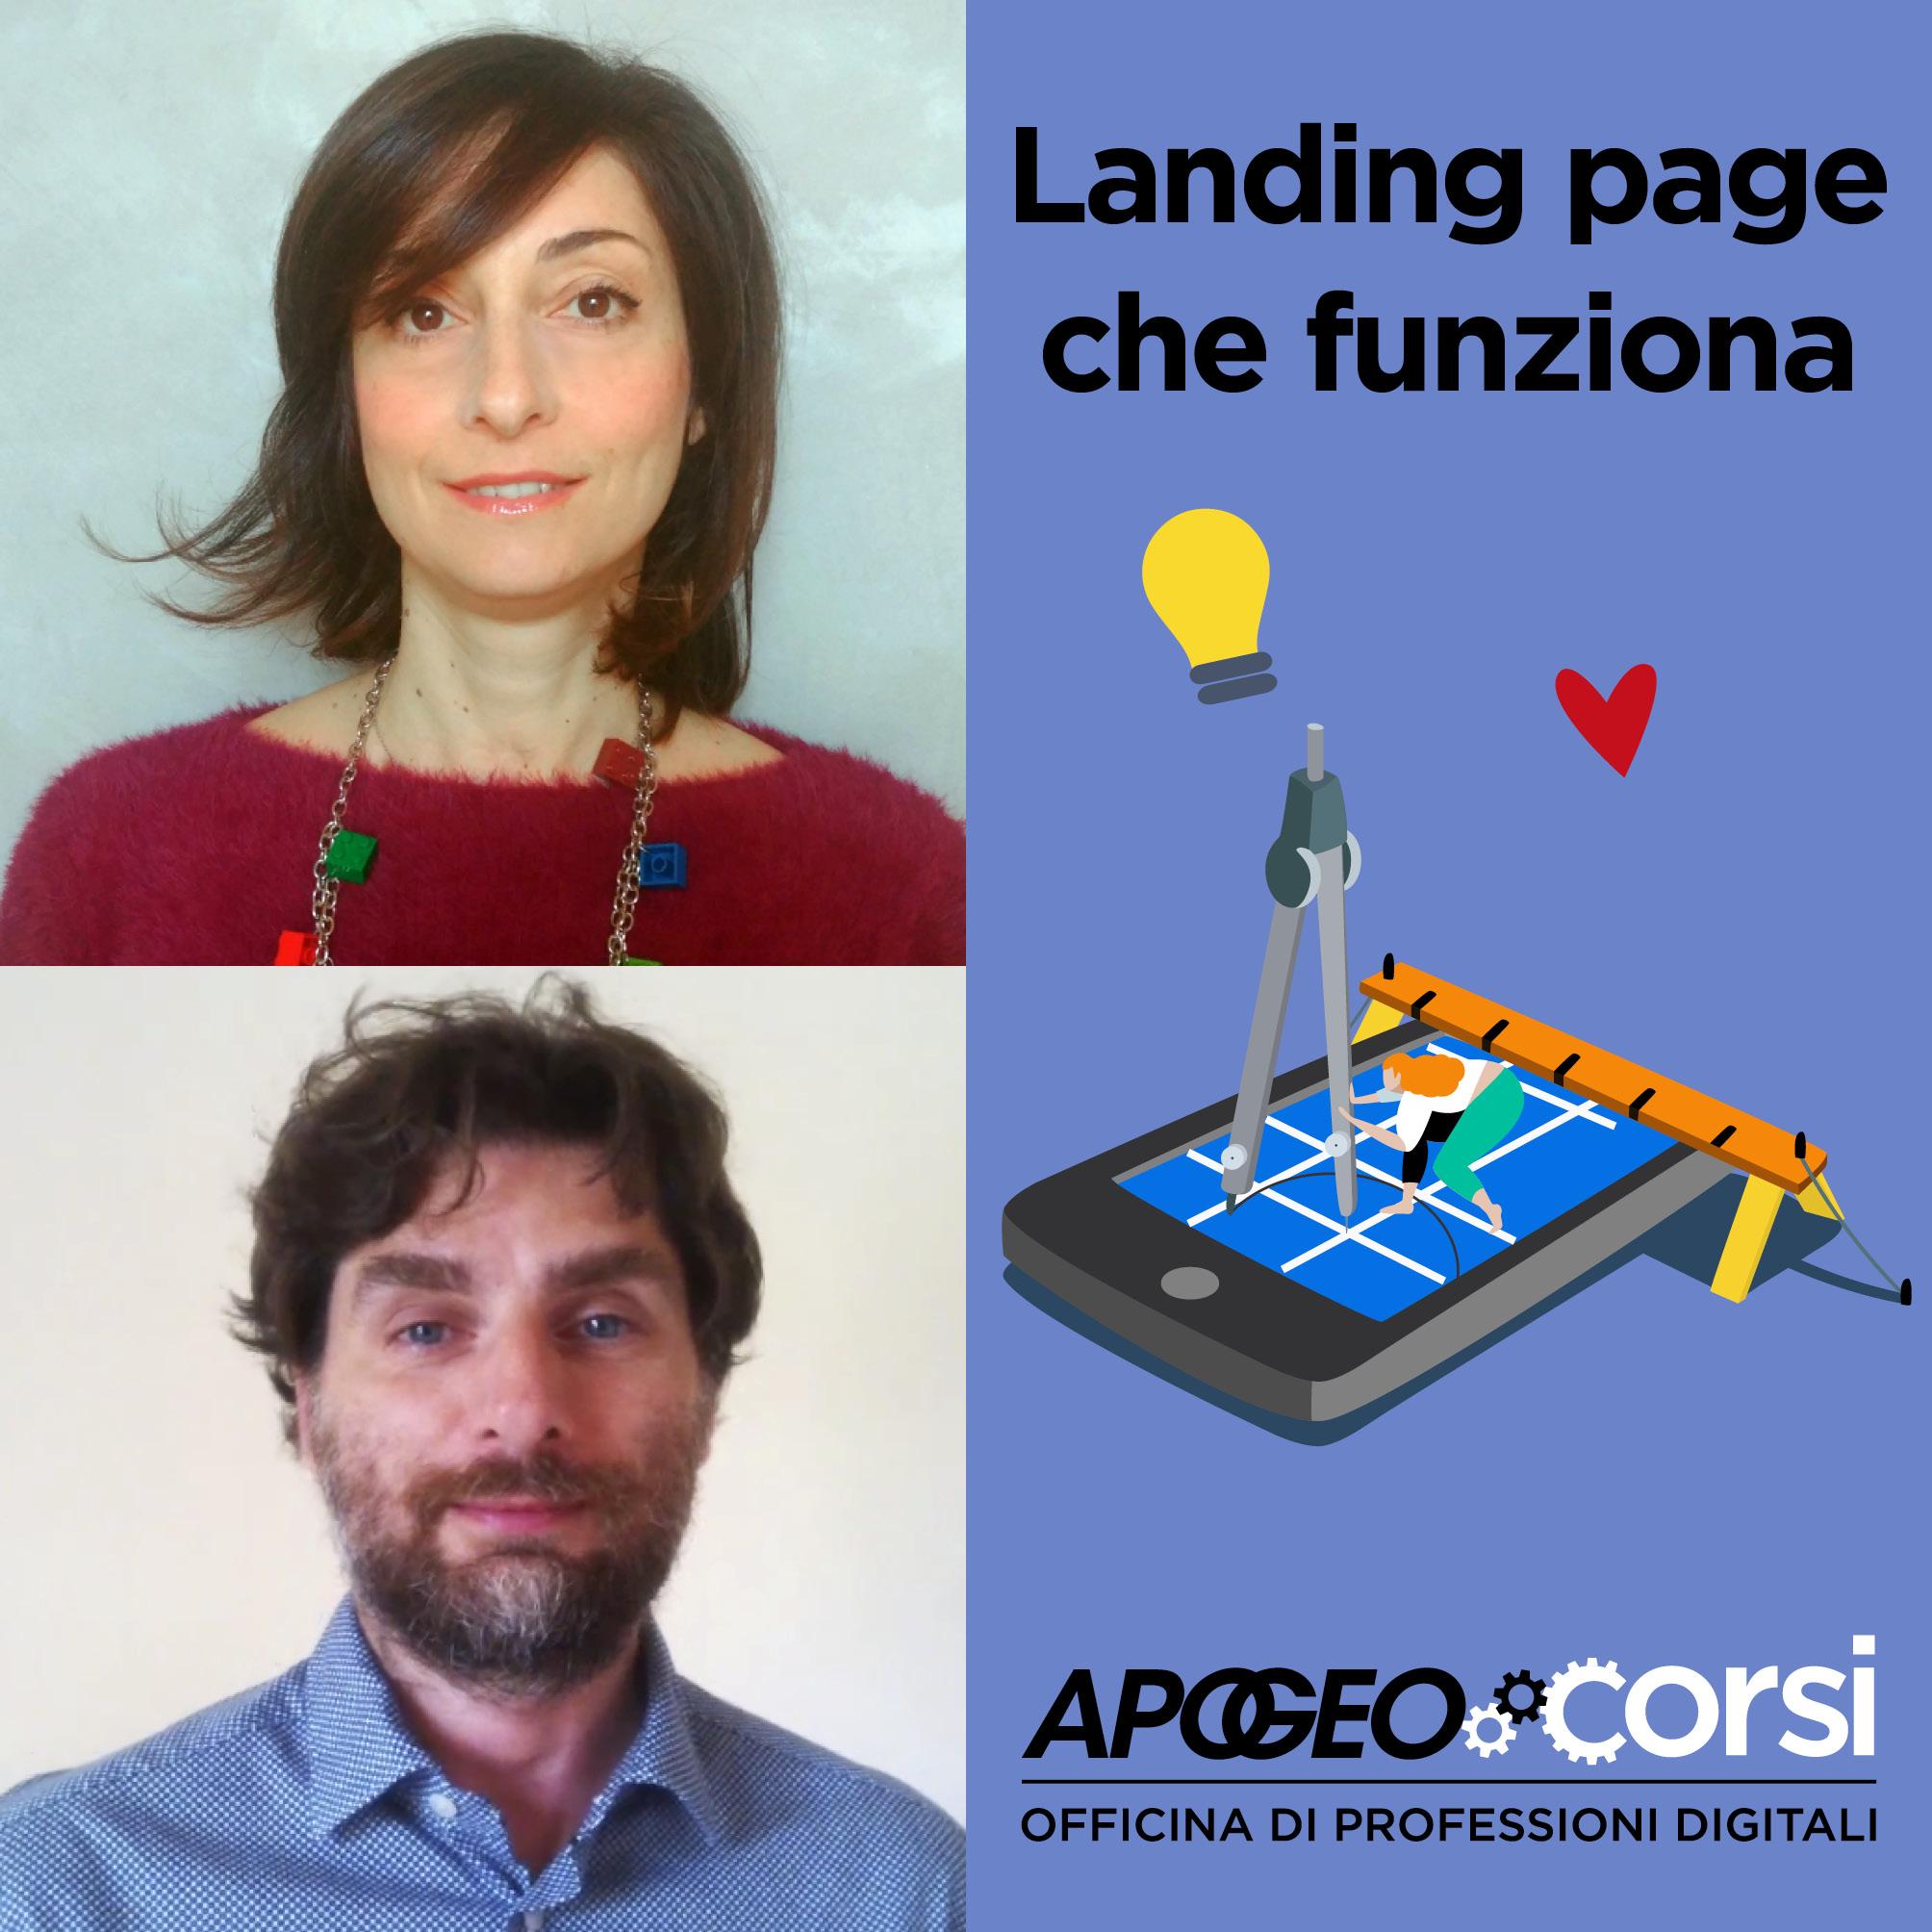 webinar-progettare-contenuti-per-una-landing-page-che-funziona-cover